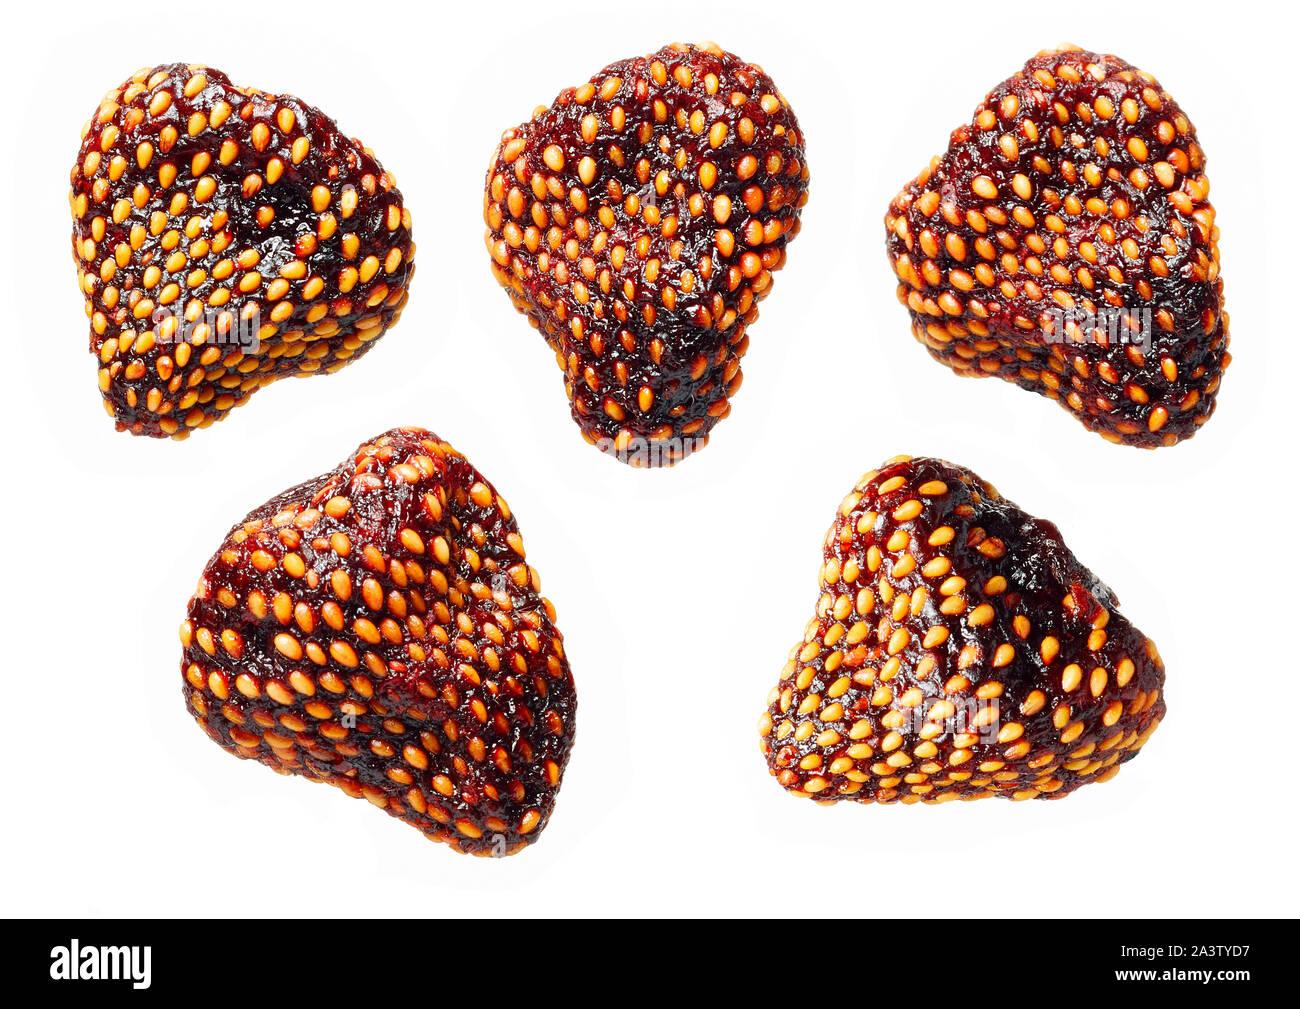 sun dried strawberries Stock Photo